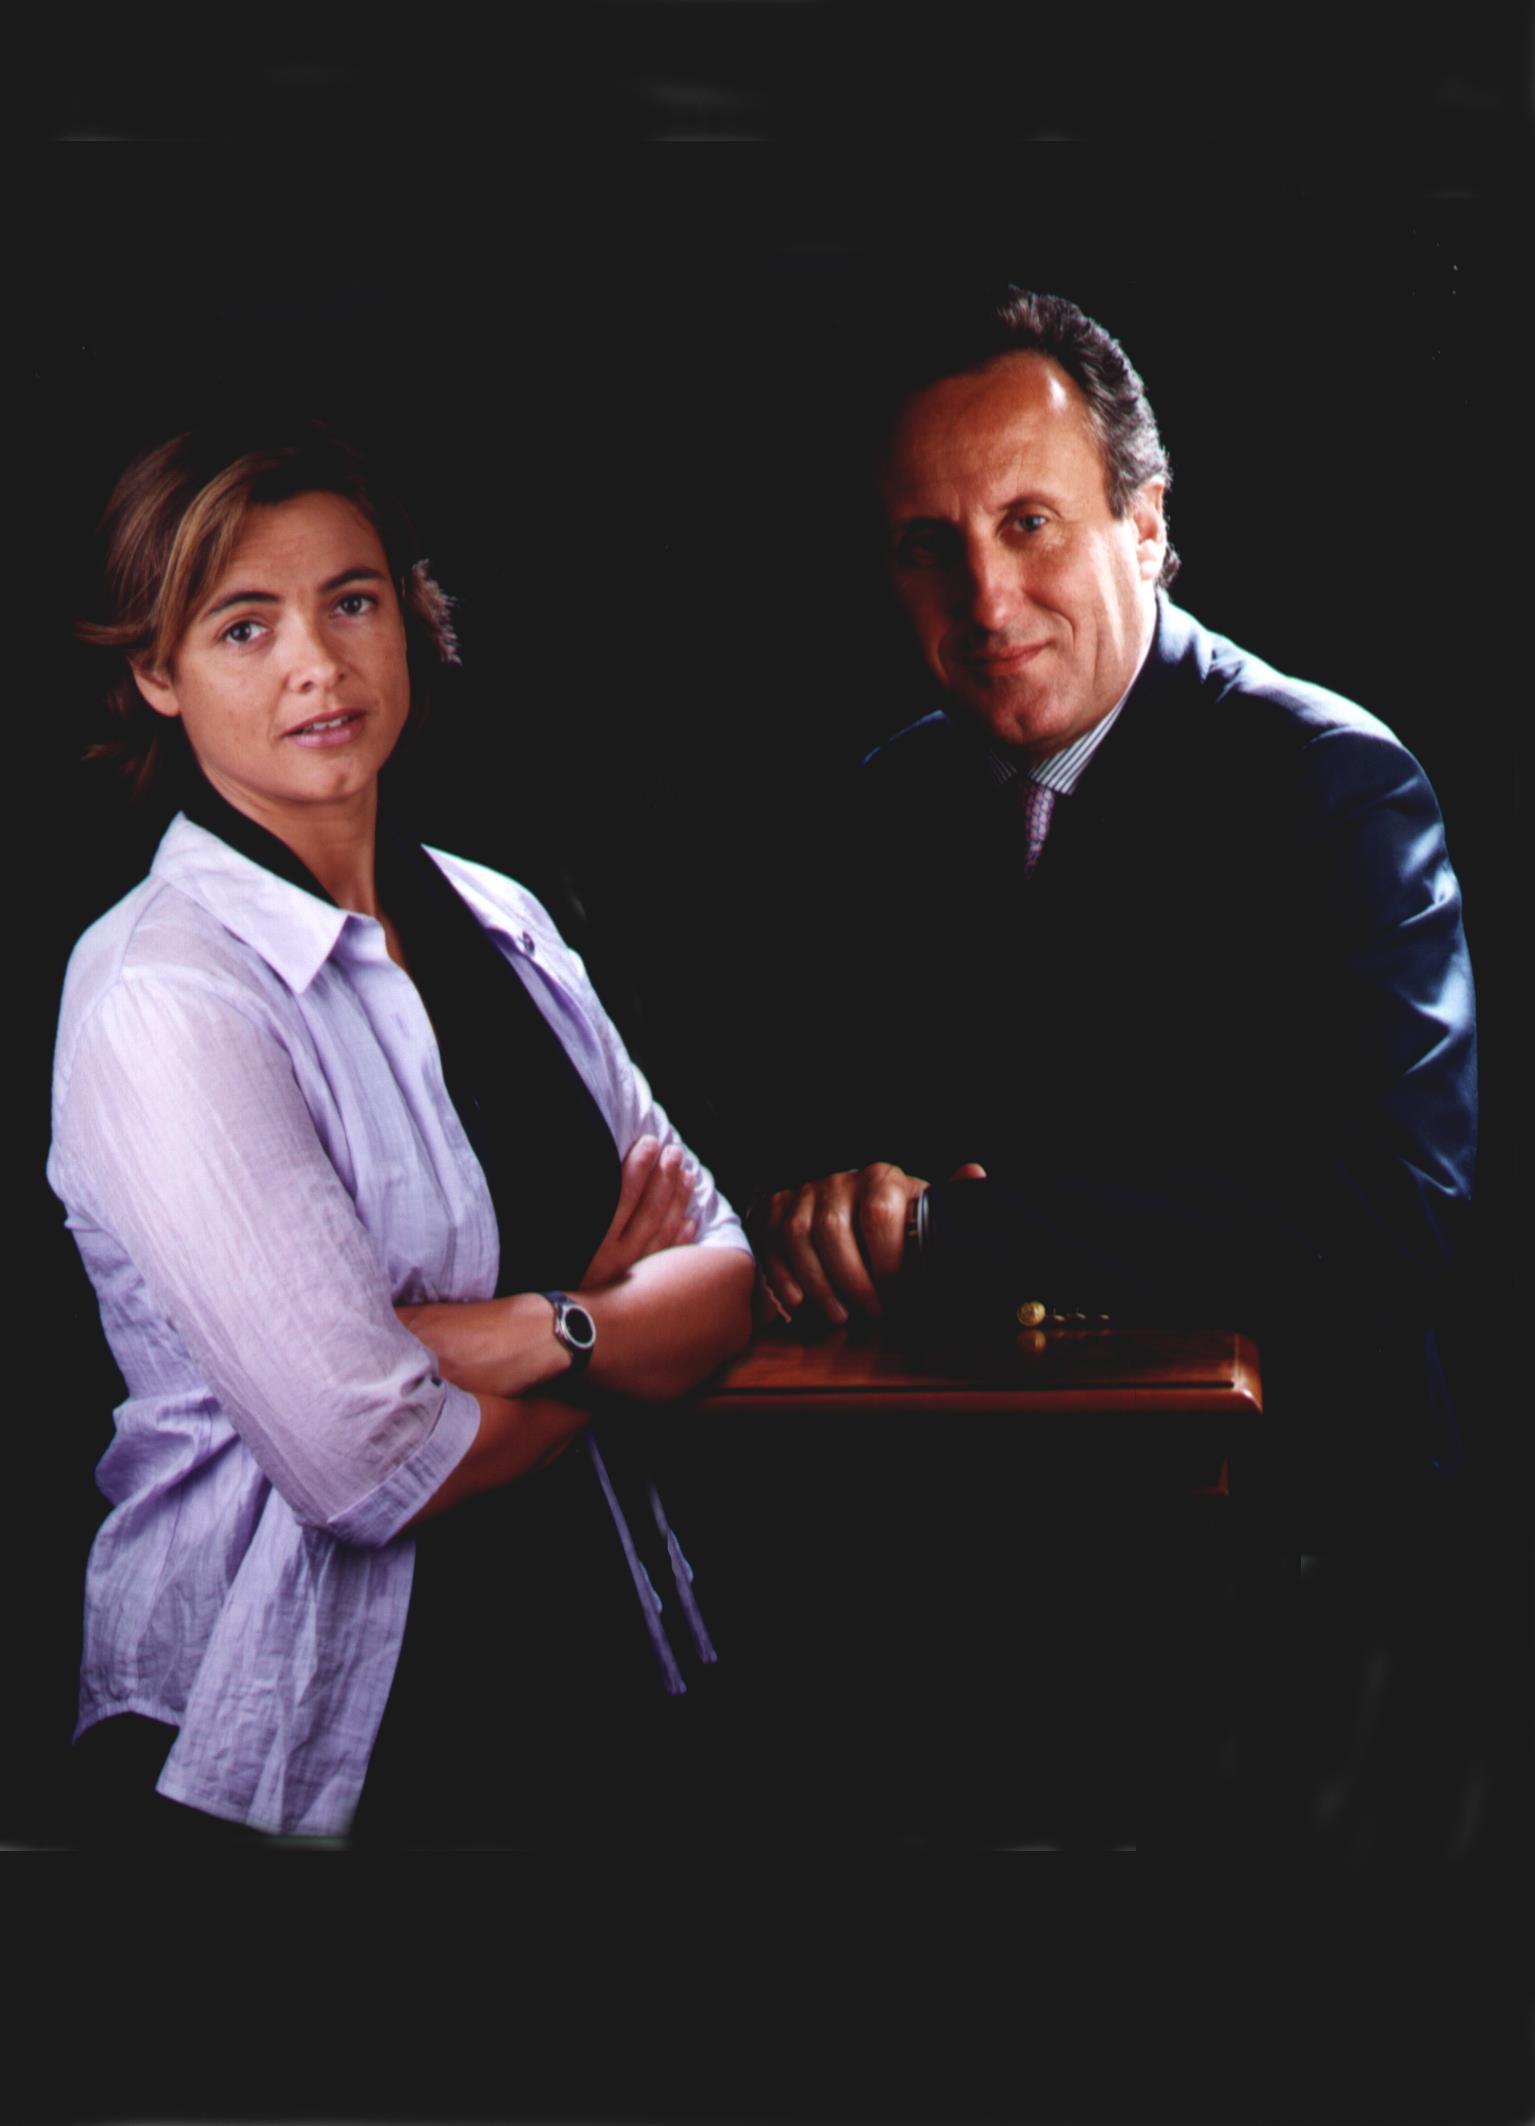 Sra. Olga Serra Ferrer i Sr. Joan Mas Brillas